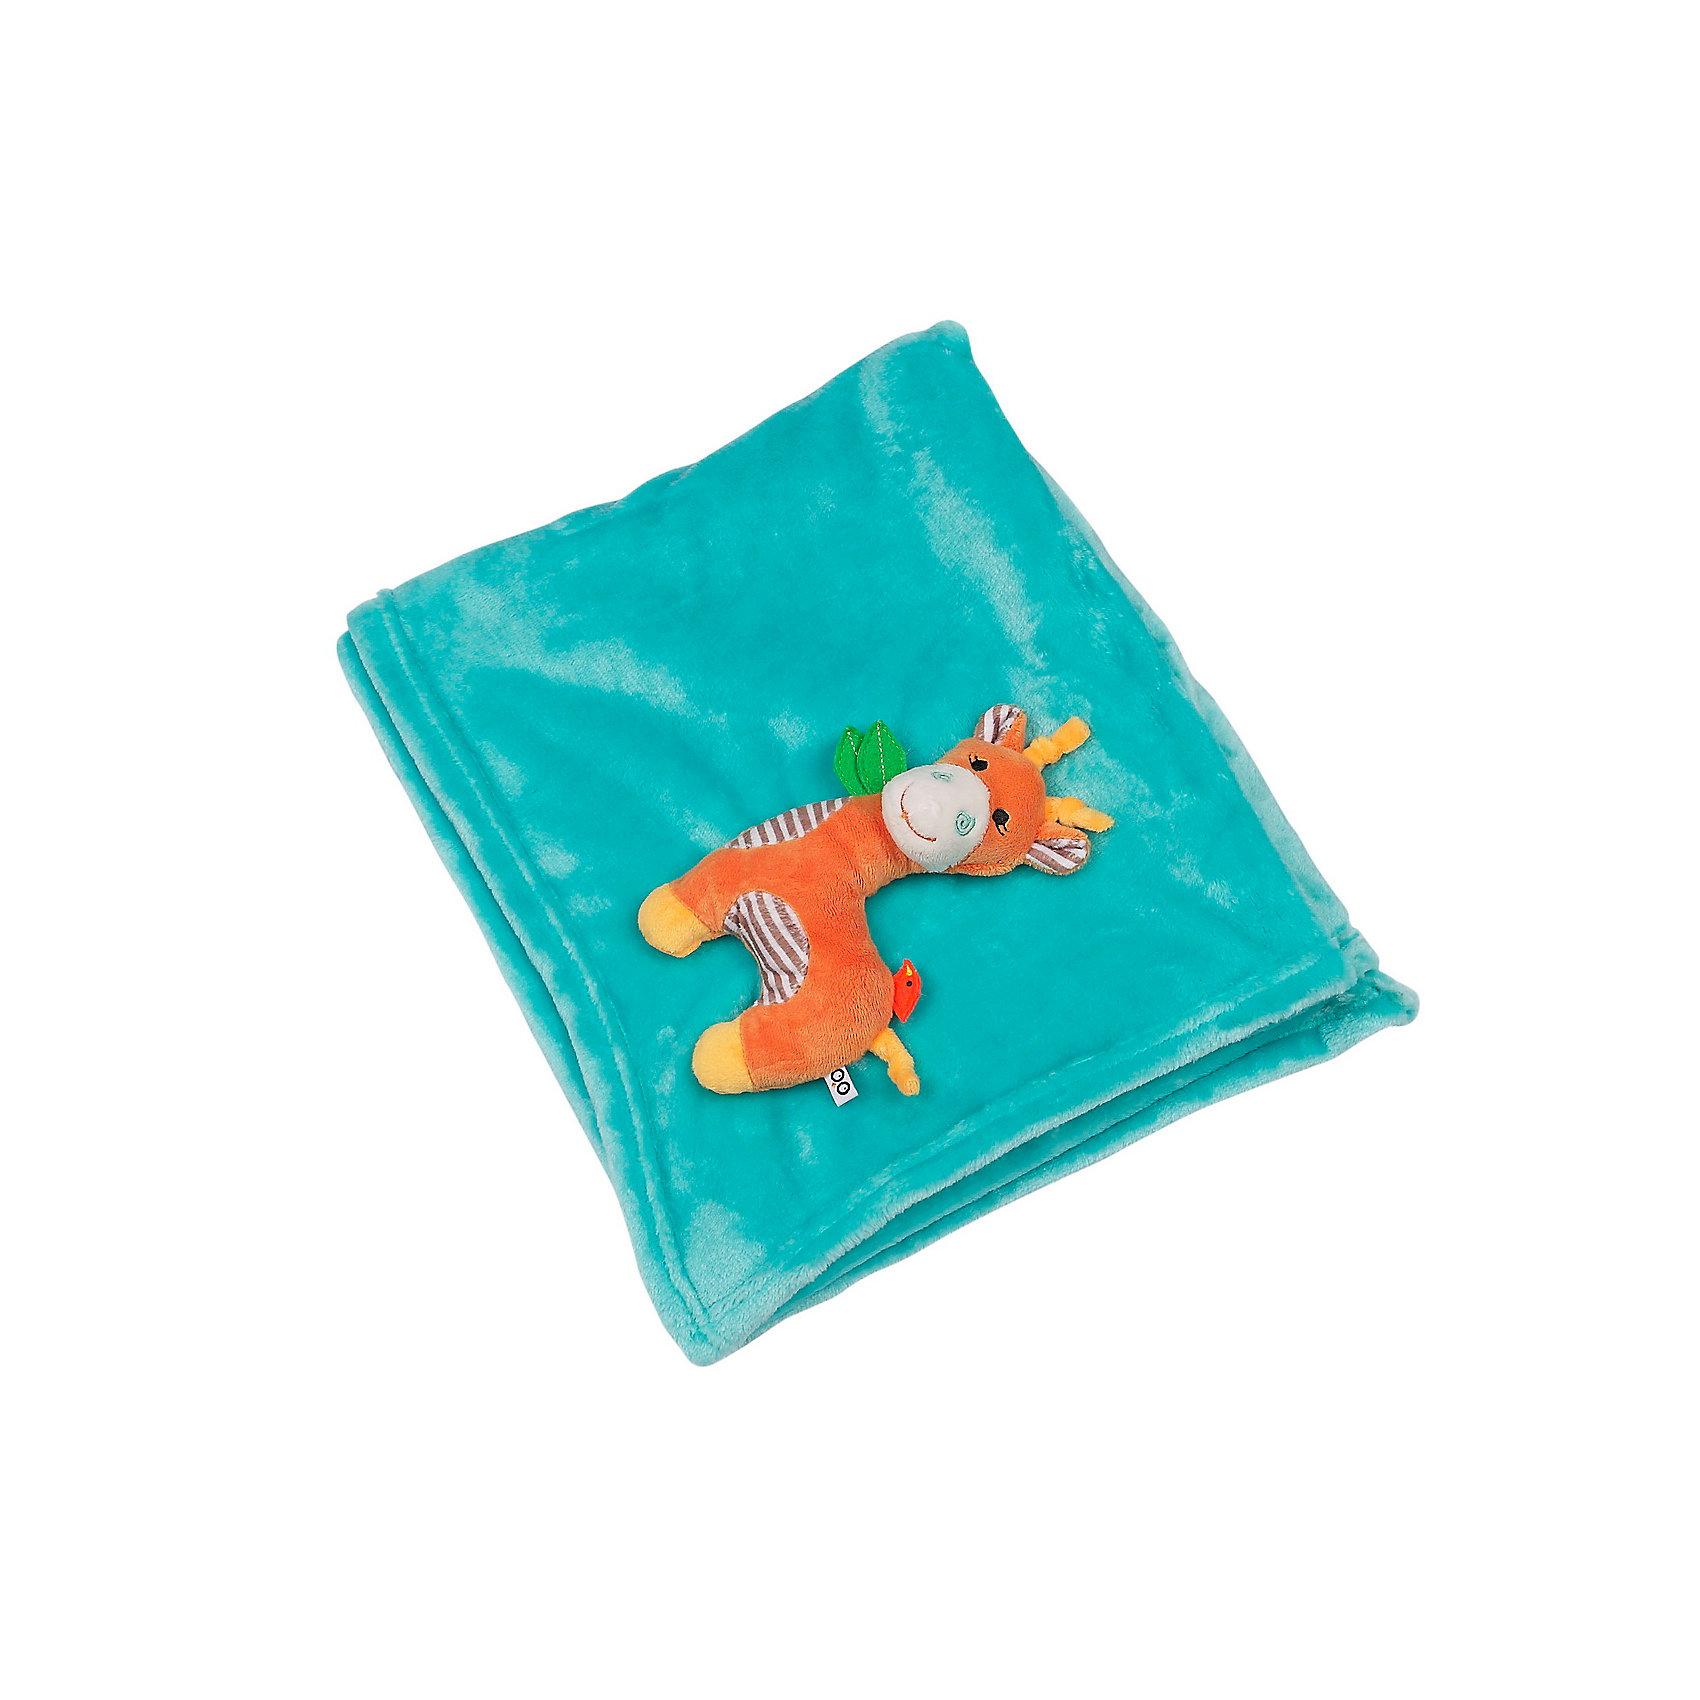 Zoocchini Одеяло с игрушкой Жираф, Zoocchini, аква